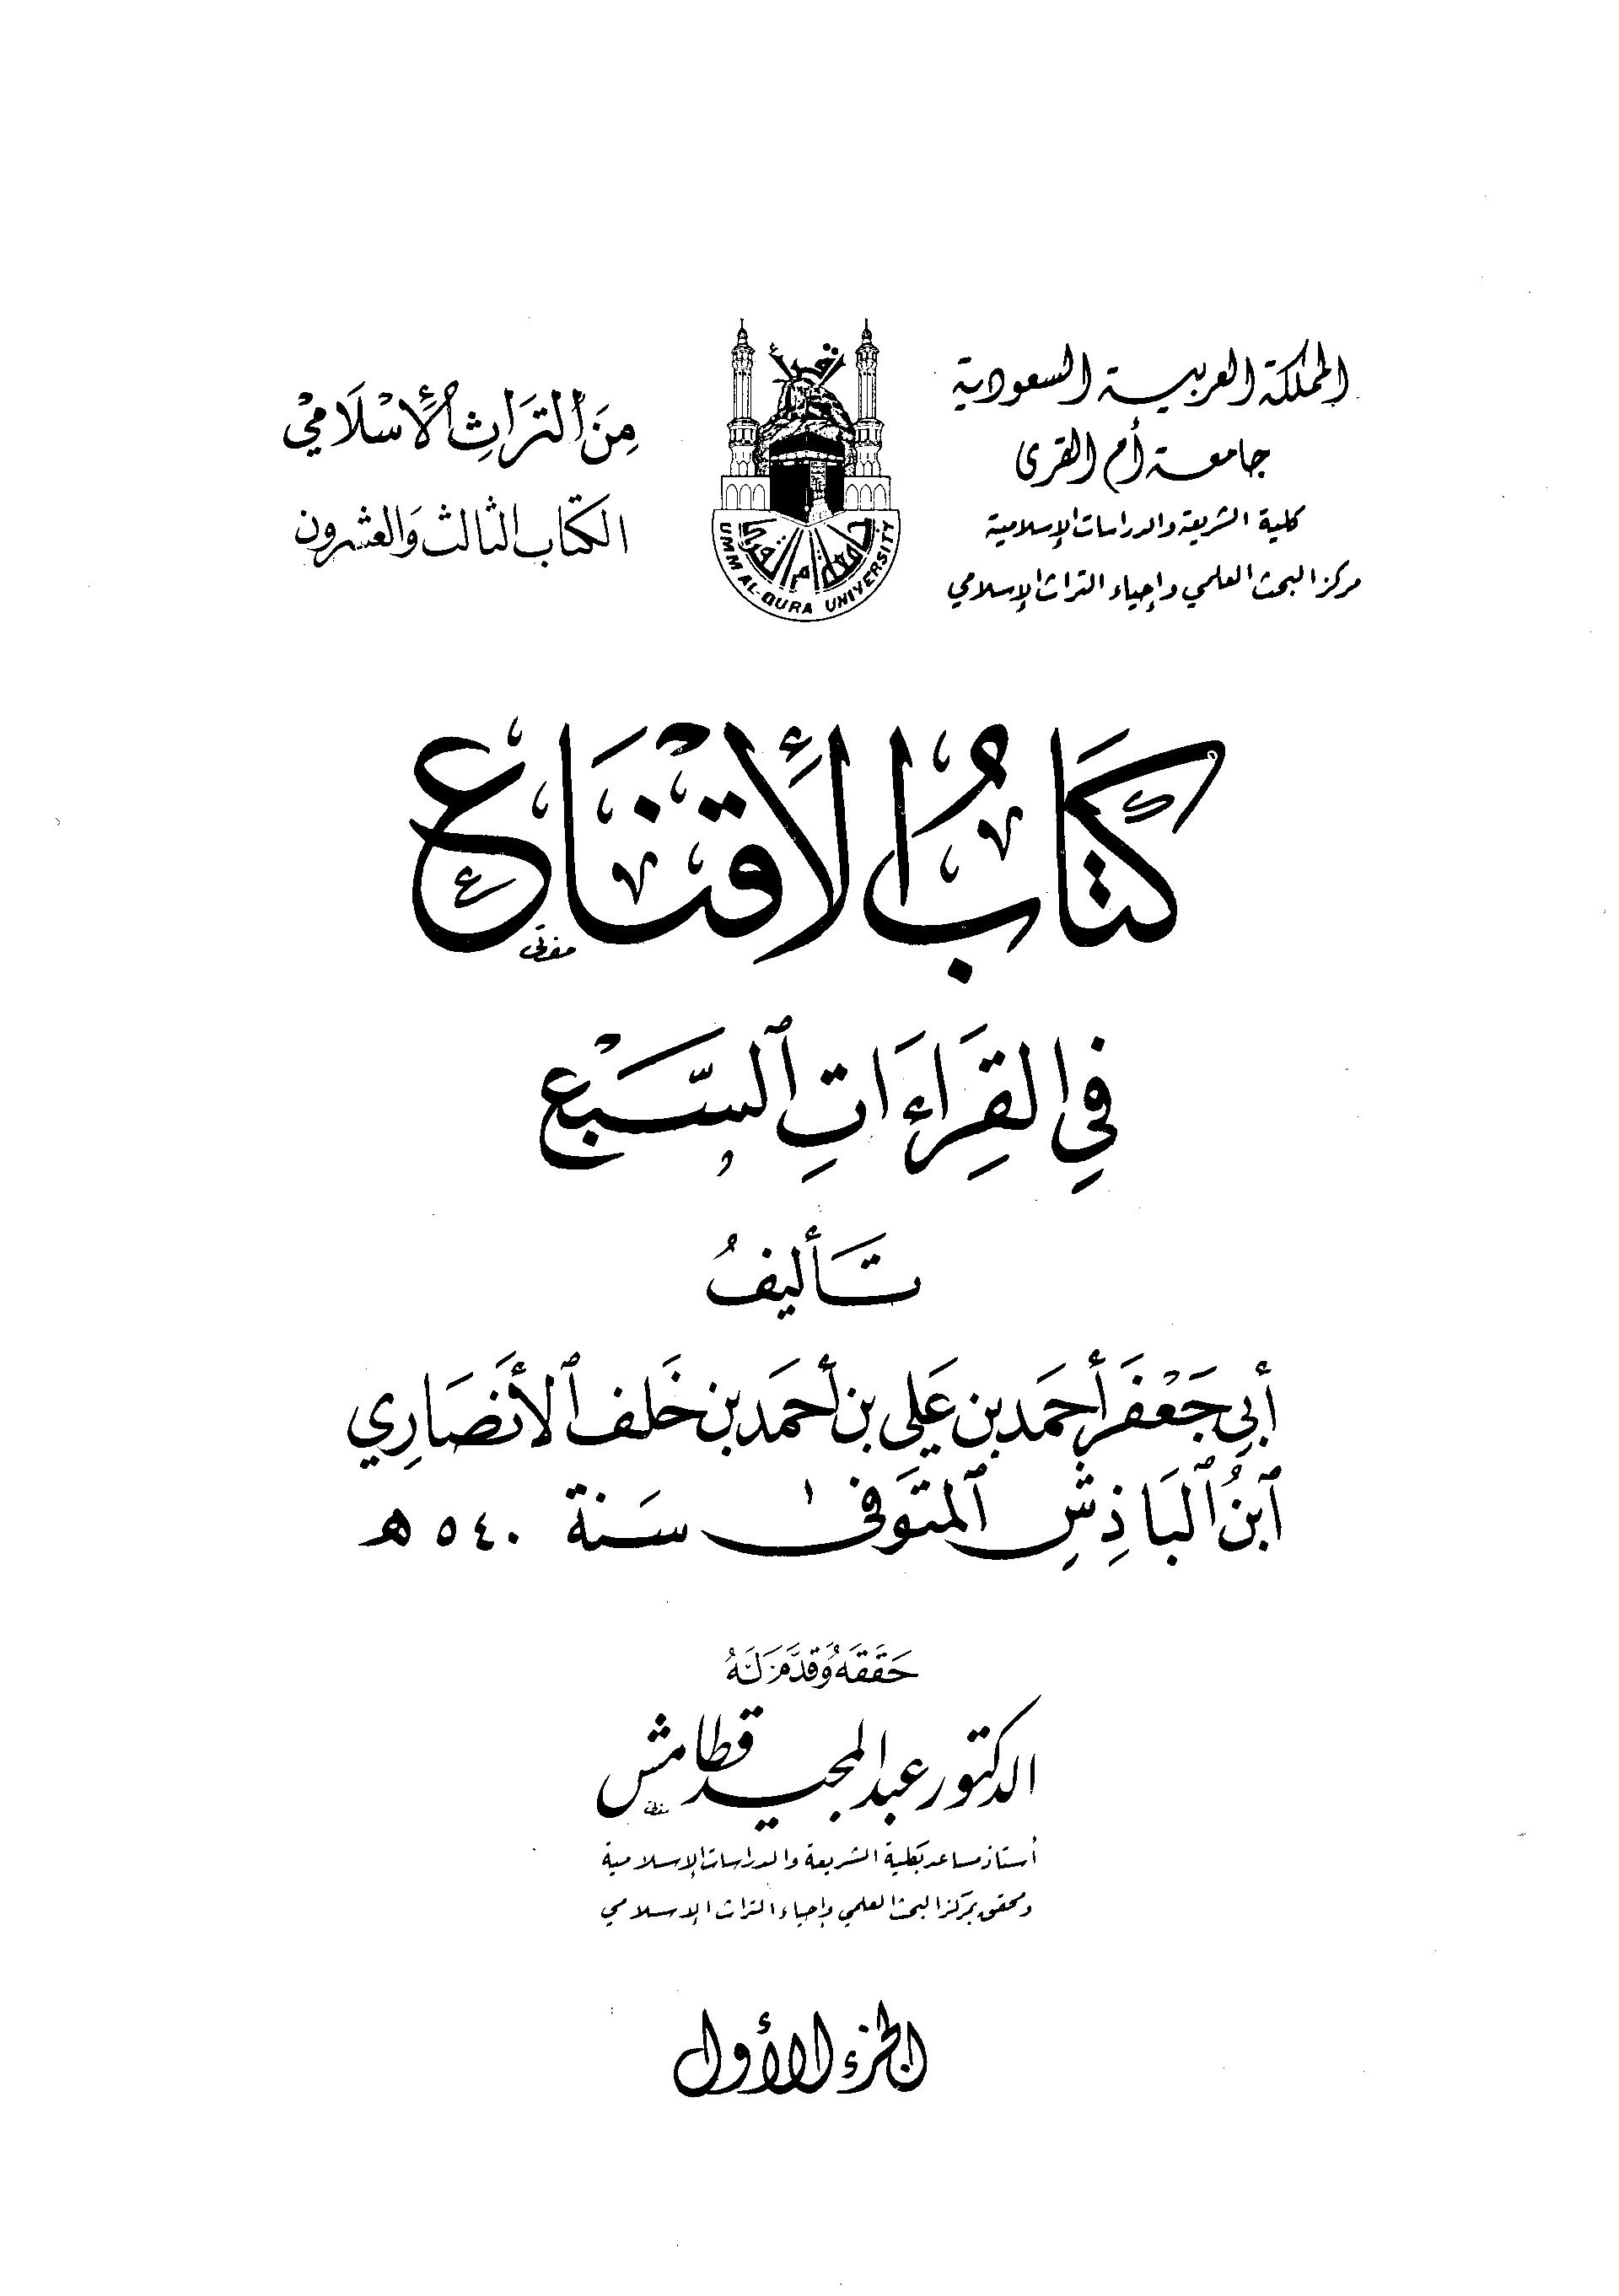 تحميل كتاب الإقناع في القراءات السبع لـِ: الإمام أبو جعفر أحمد بن علي بن أحمد بن خلف الأنصاري الغرناطي، المعروف بابن الباذِش (ت 540)